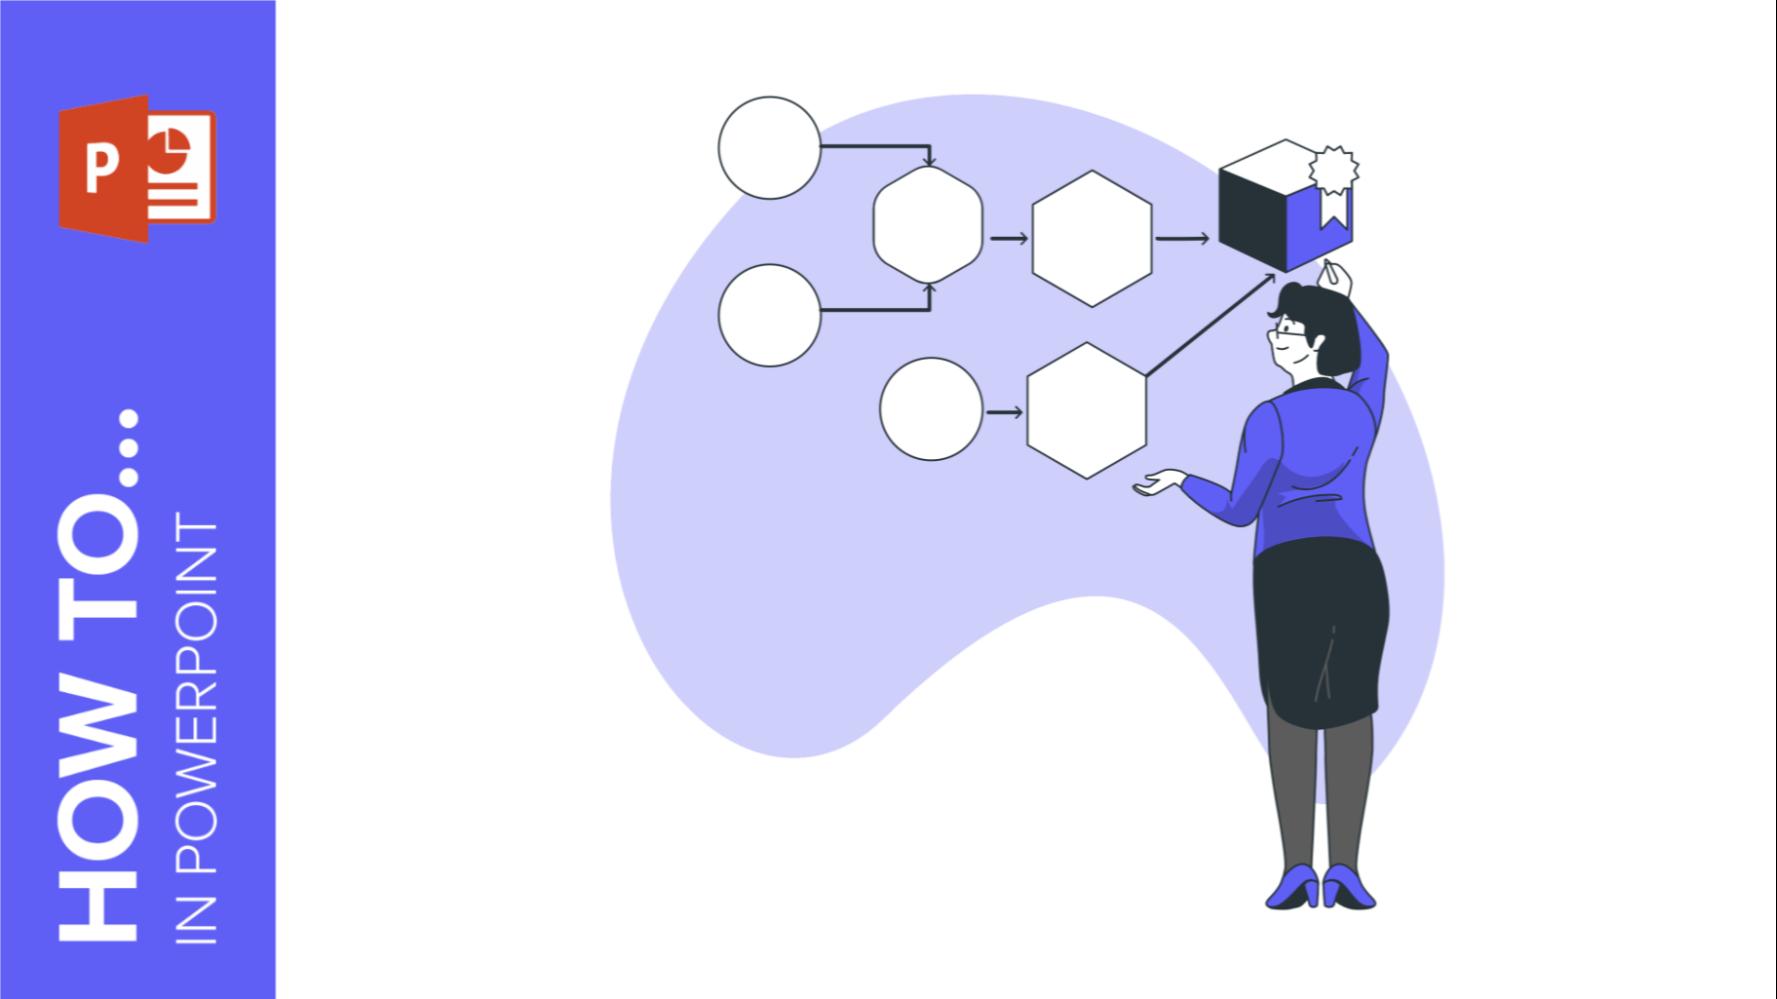 How to Create a Flowchart in PowerPoint | Schnelle Tipps & Tutorials für deine Präsentationen